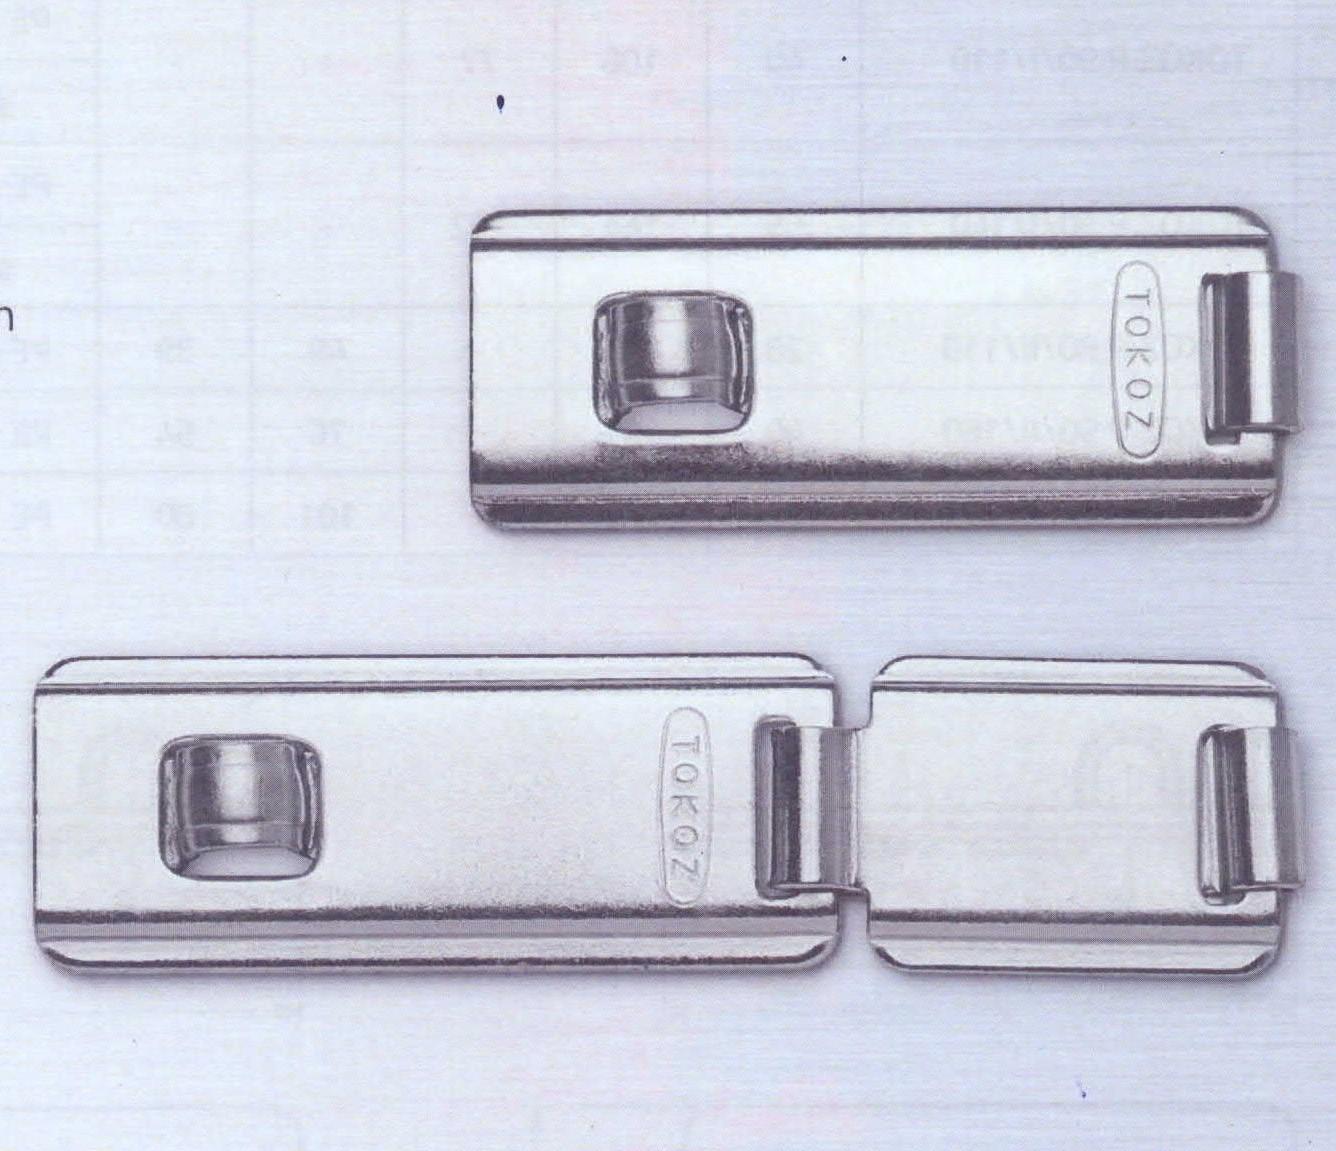 Petlice TOKOZ P 90/II/160 dvoudílná